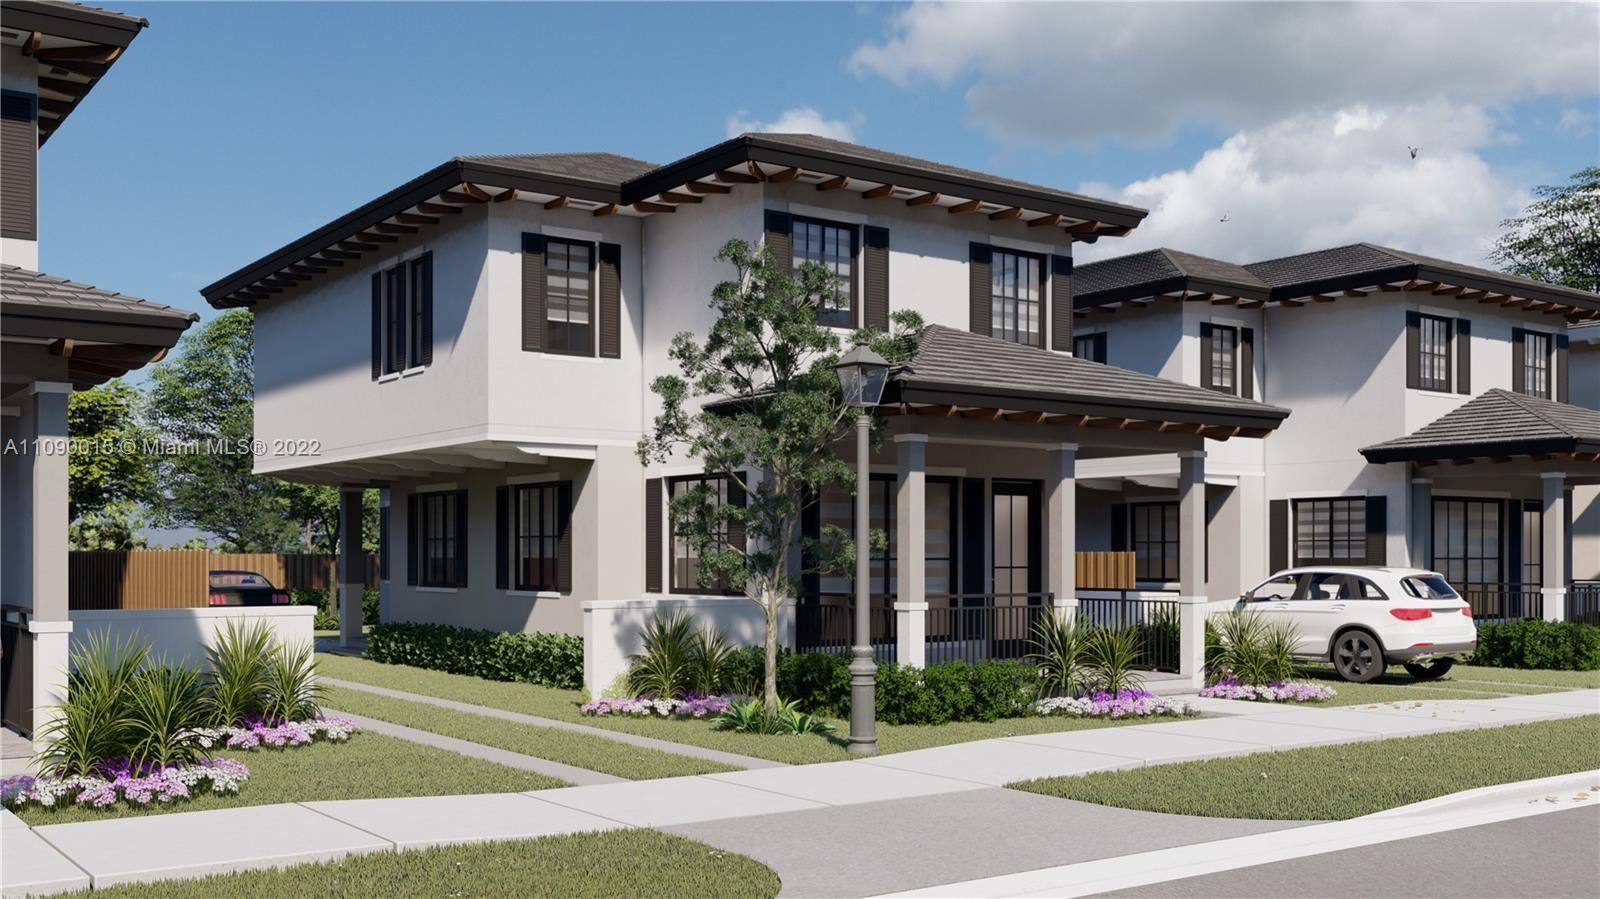 10310 SW 180 Street, Miami, FL 33157 - #: A11090015